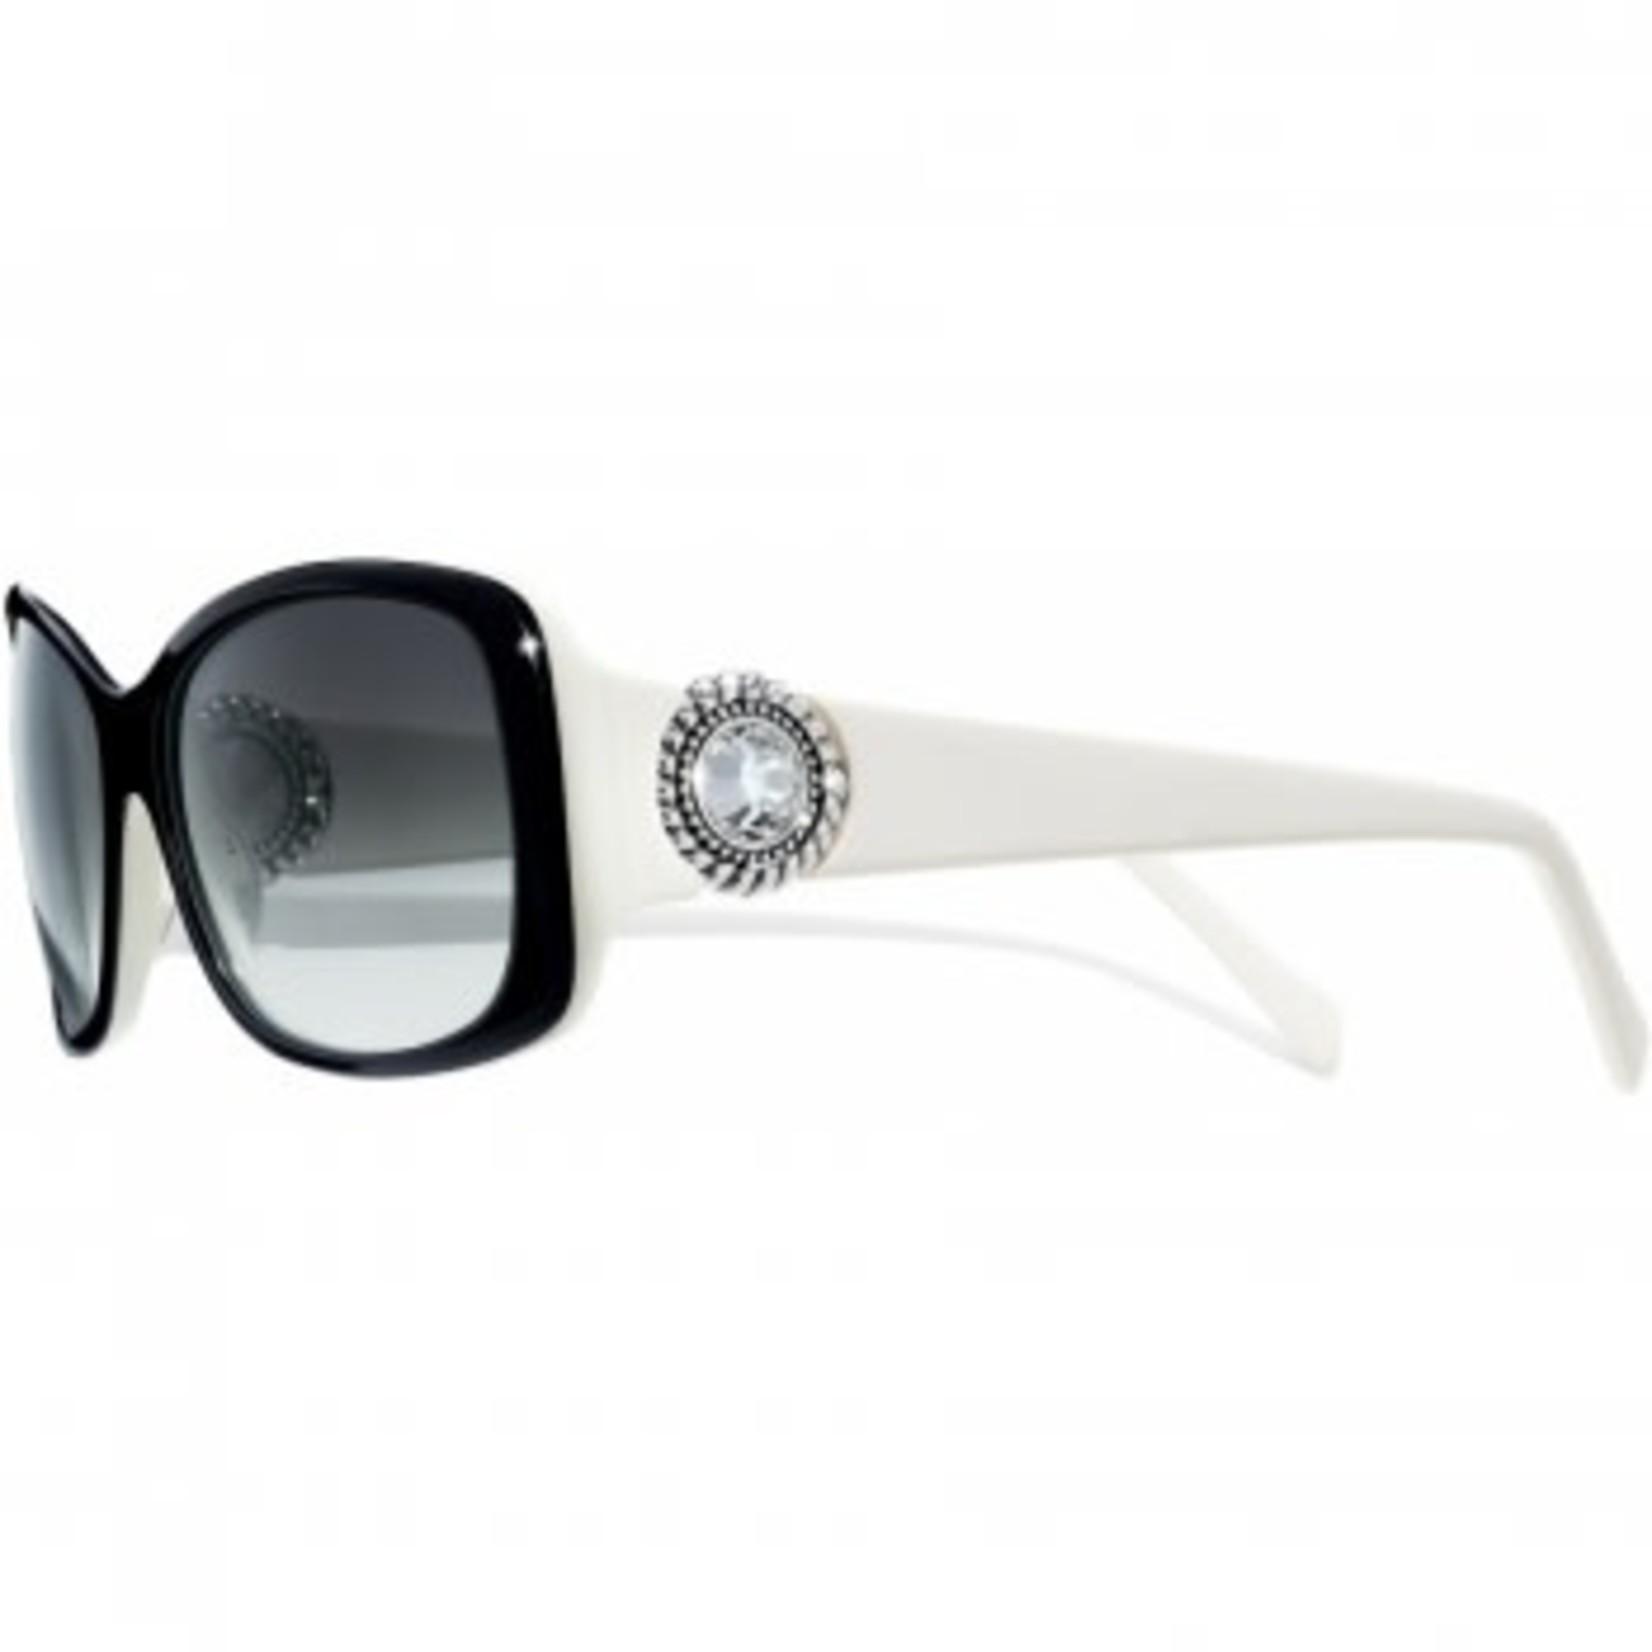 Brighton Twinkle Sunglasses